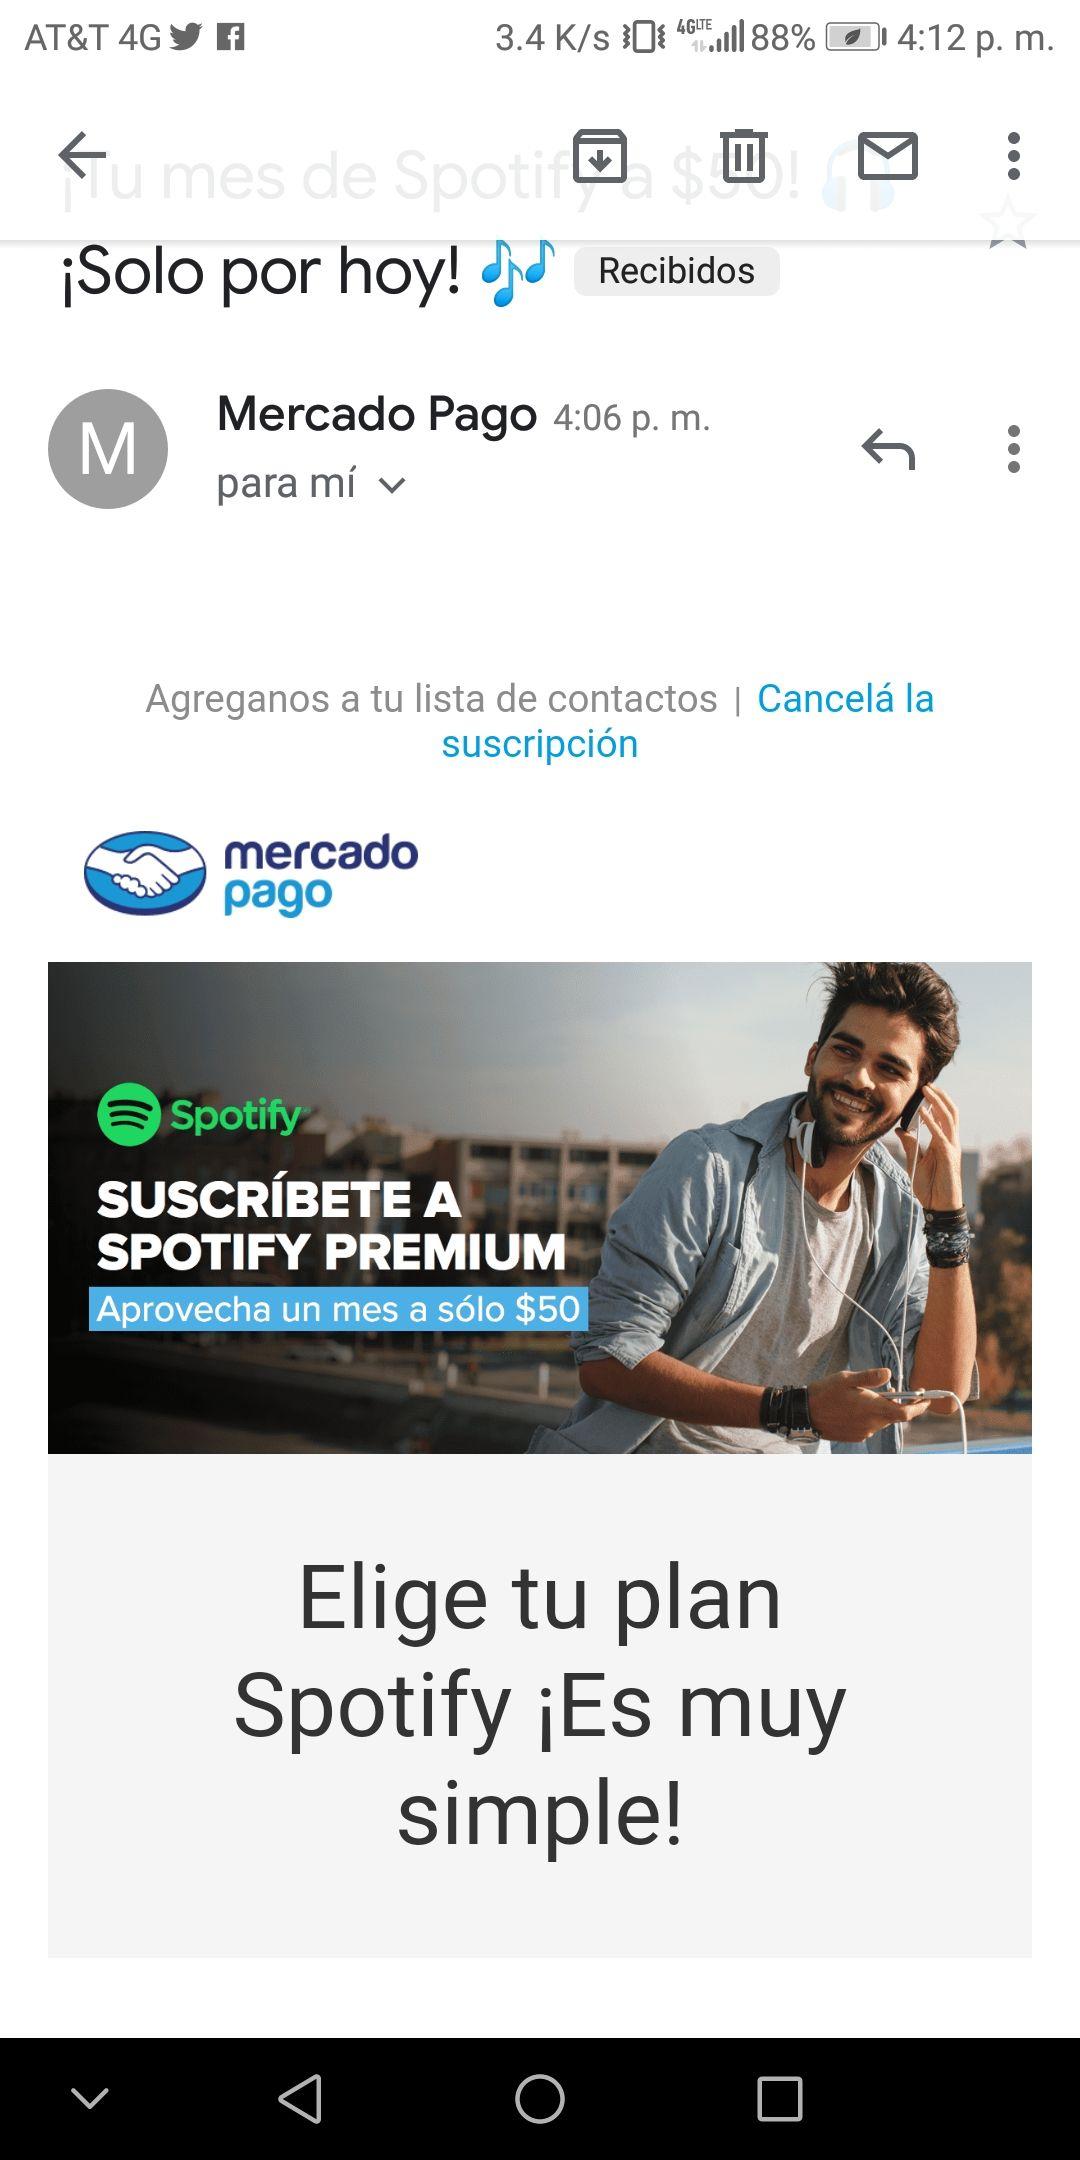 Mercado Pago: Spotify 1mes por $50